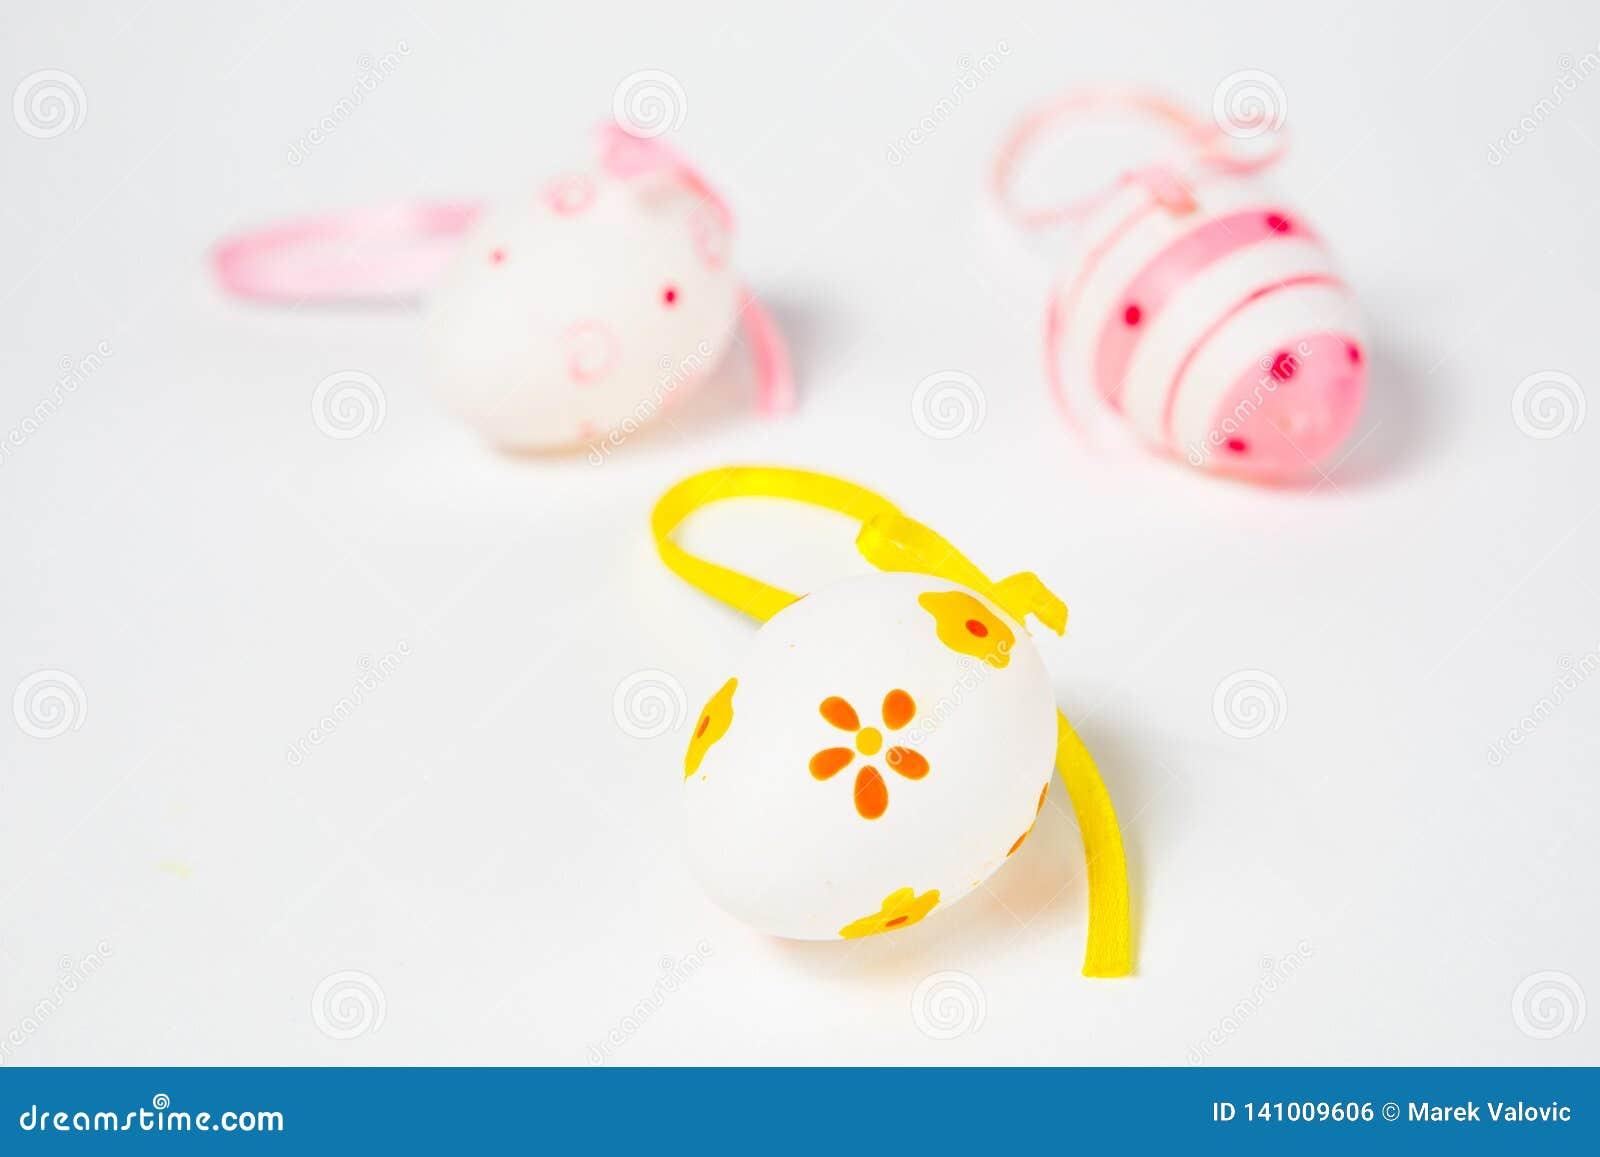 Overladen eierschalen met lint - hand - gemaakte Pasen-decoratie